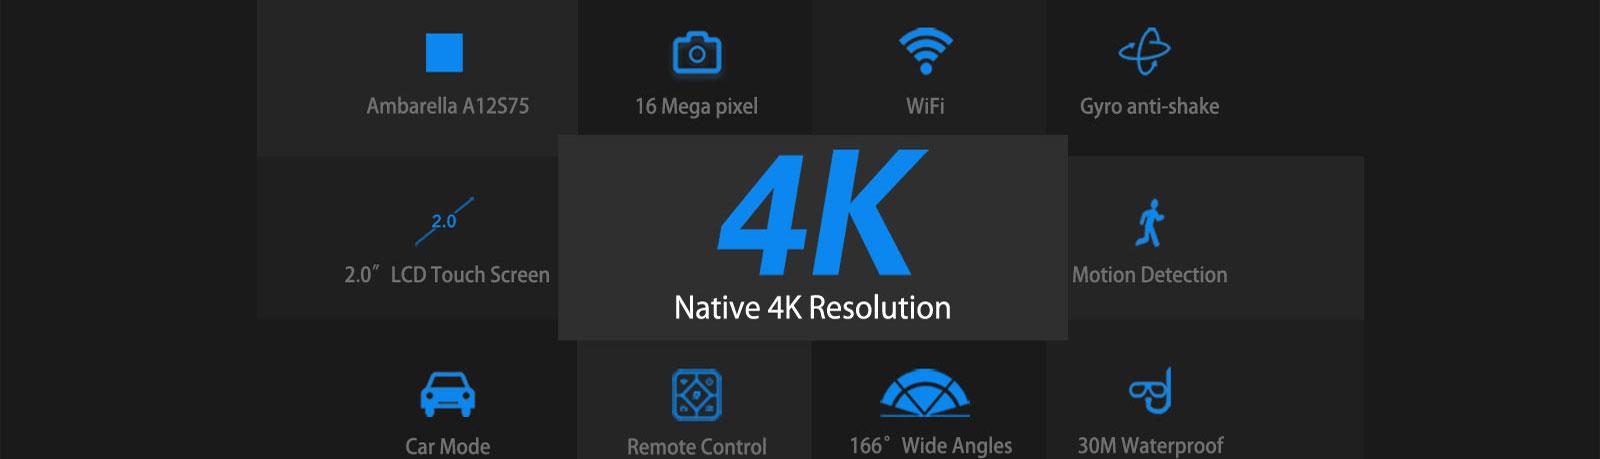 4k-new-img-n